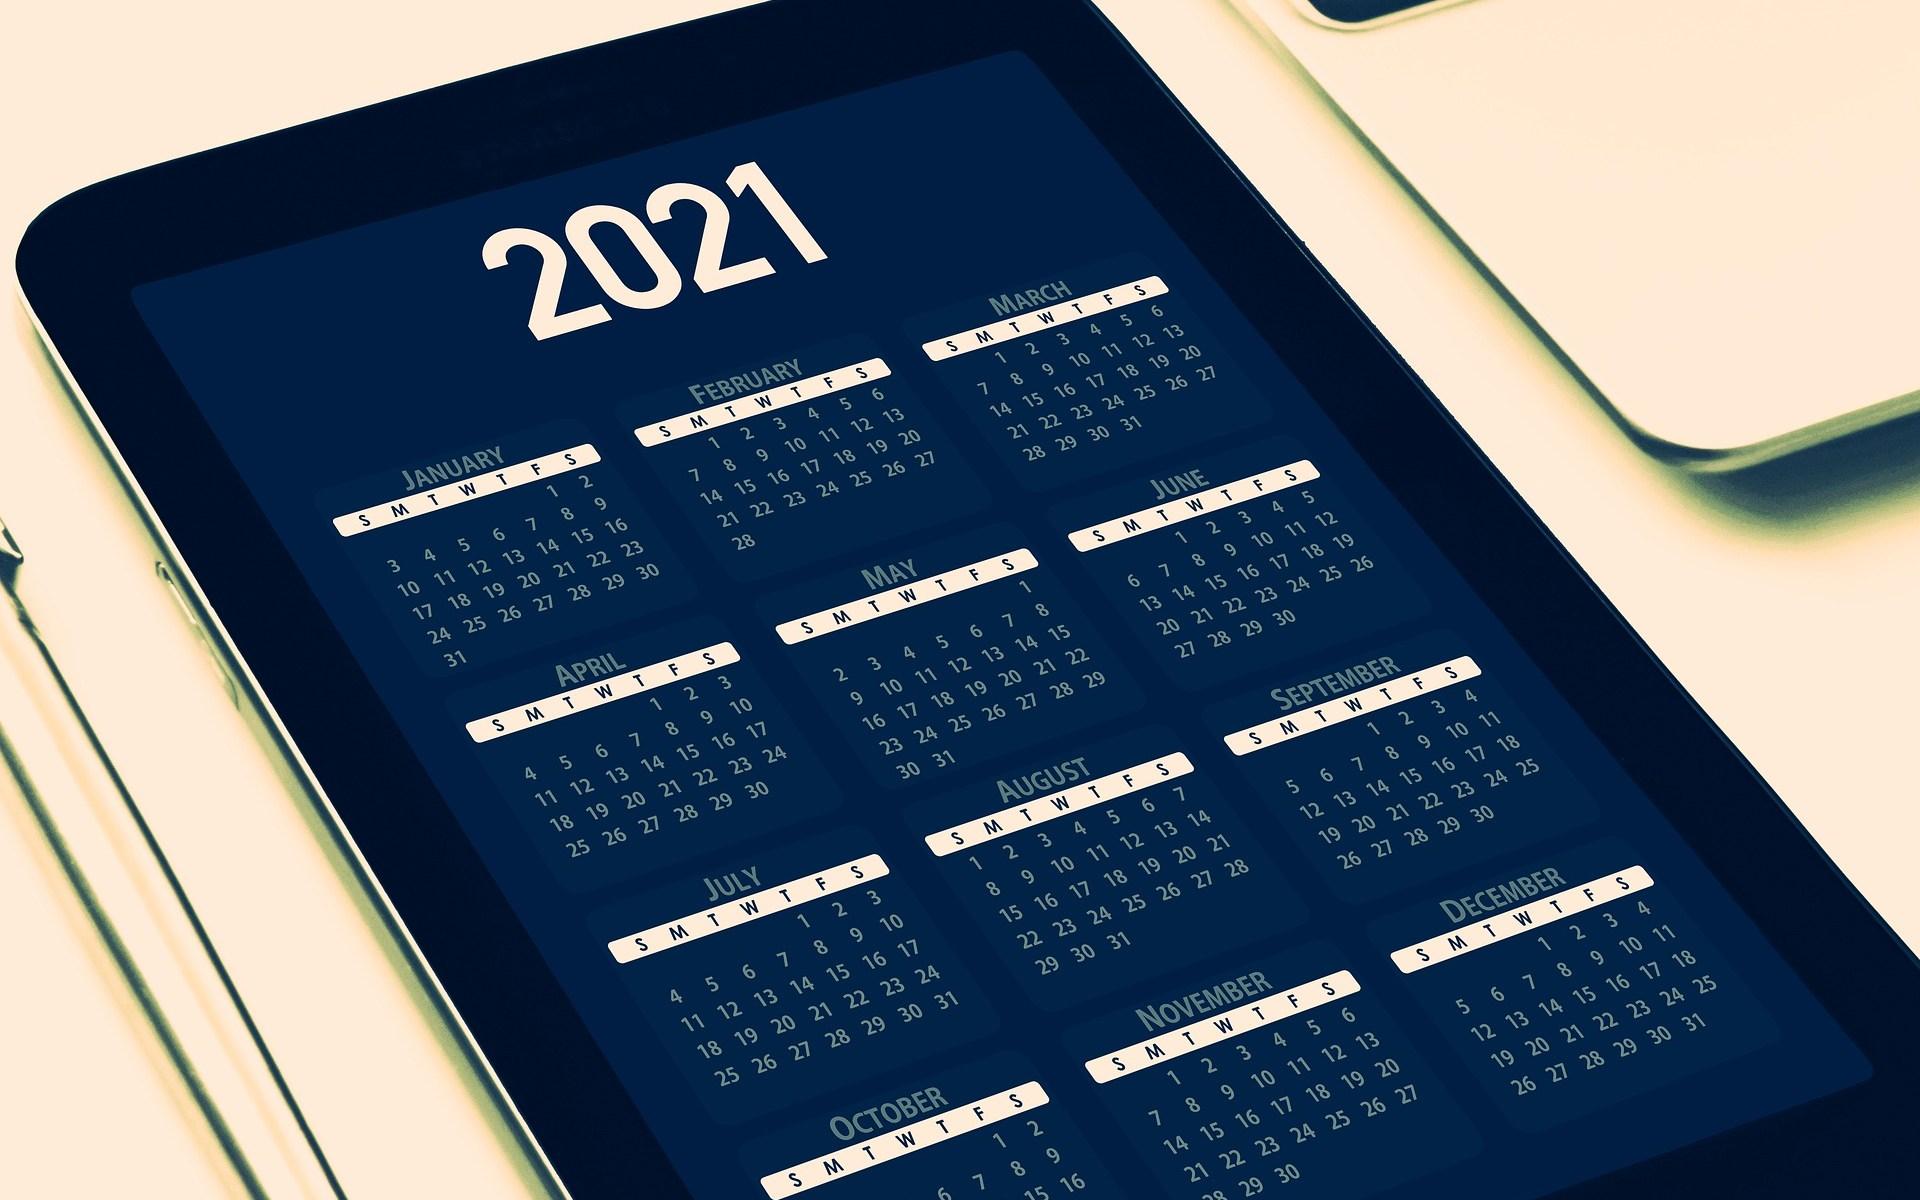 2021 calendar. Image by Gerd Altmann from Pixabay